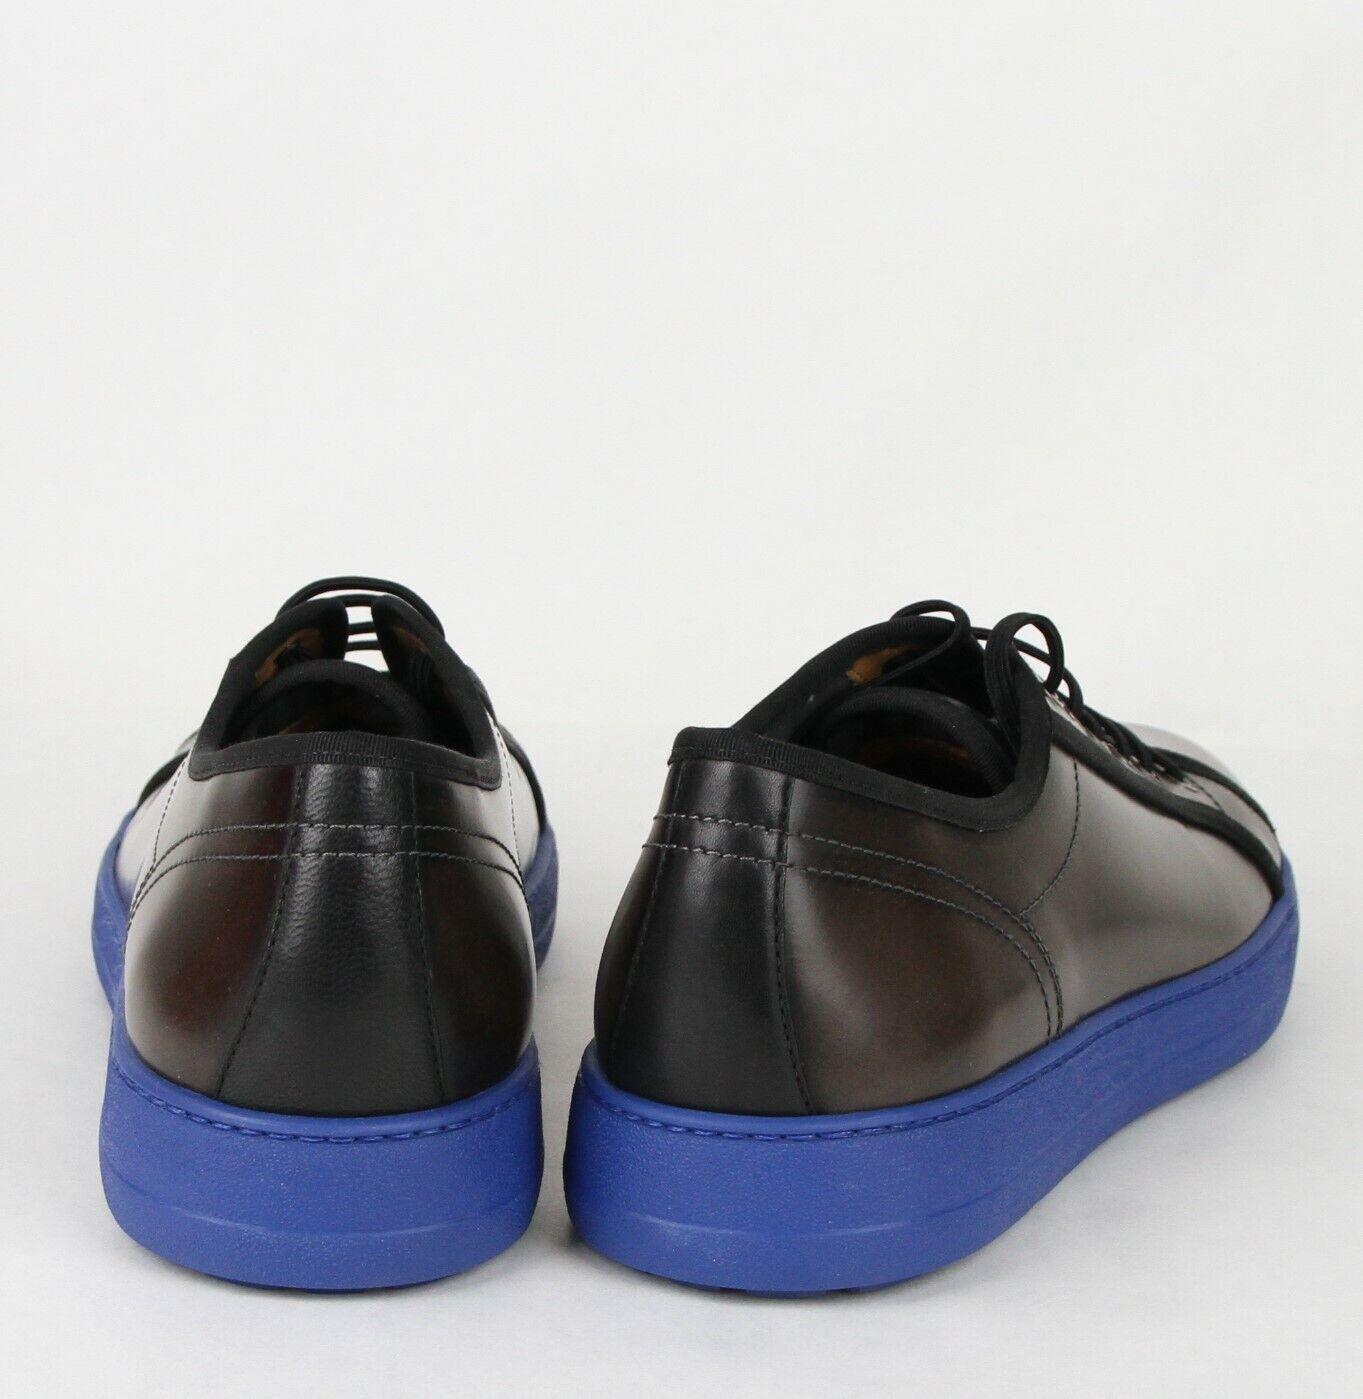 New Salvatore Ferragamo Men's Fulton Dark Silver Silver Silver Leather Sneakers 659672 215d1f